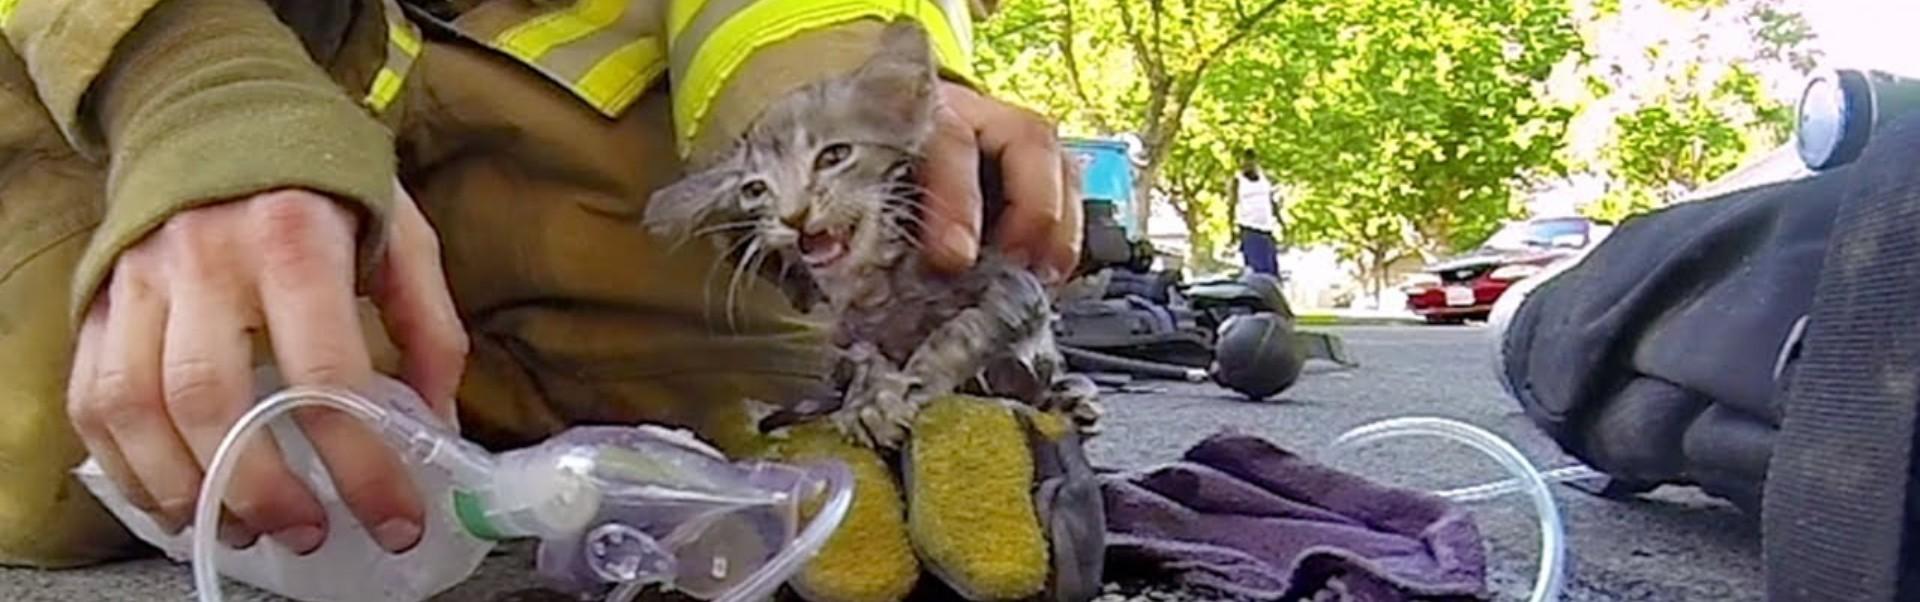 Pompieri care ș-au riscat viața pentru a salva animale - Galerie Foto